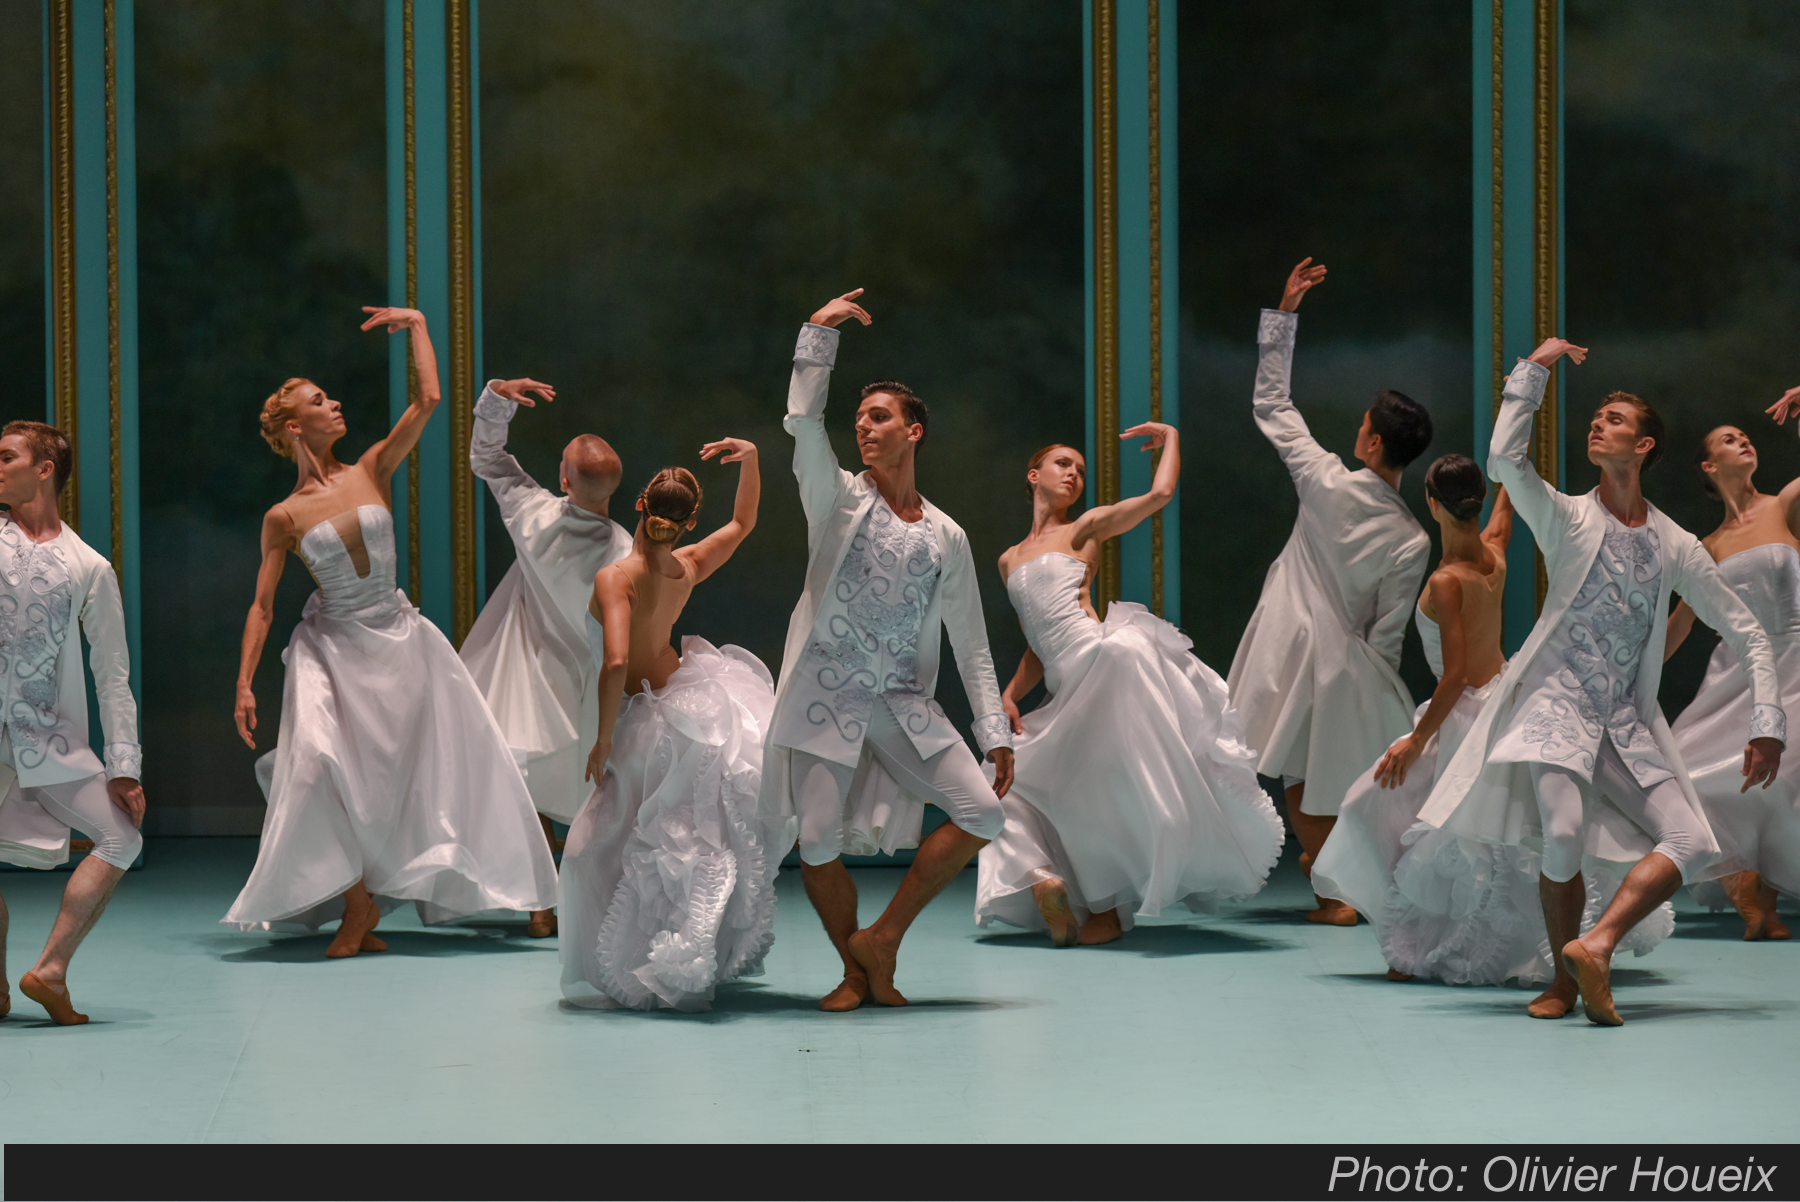 Malandain Ballet Biarritz - Biarritz, France